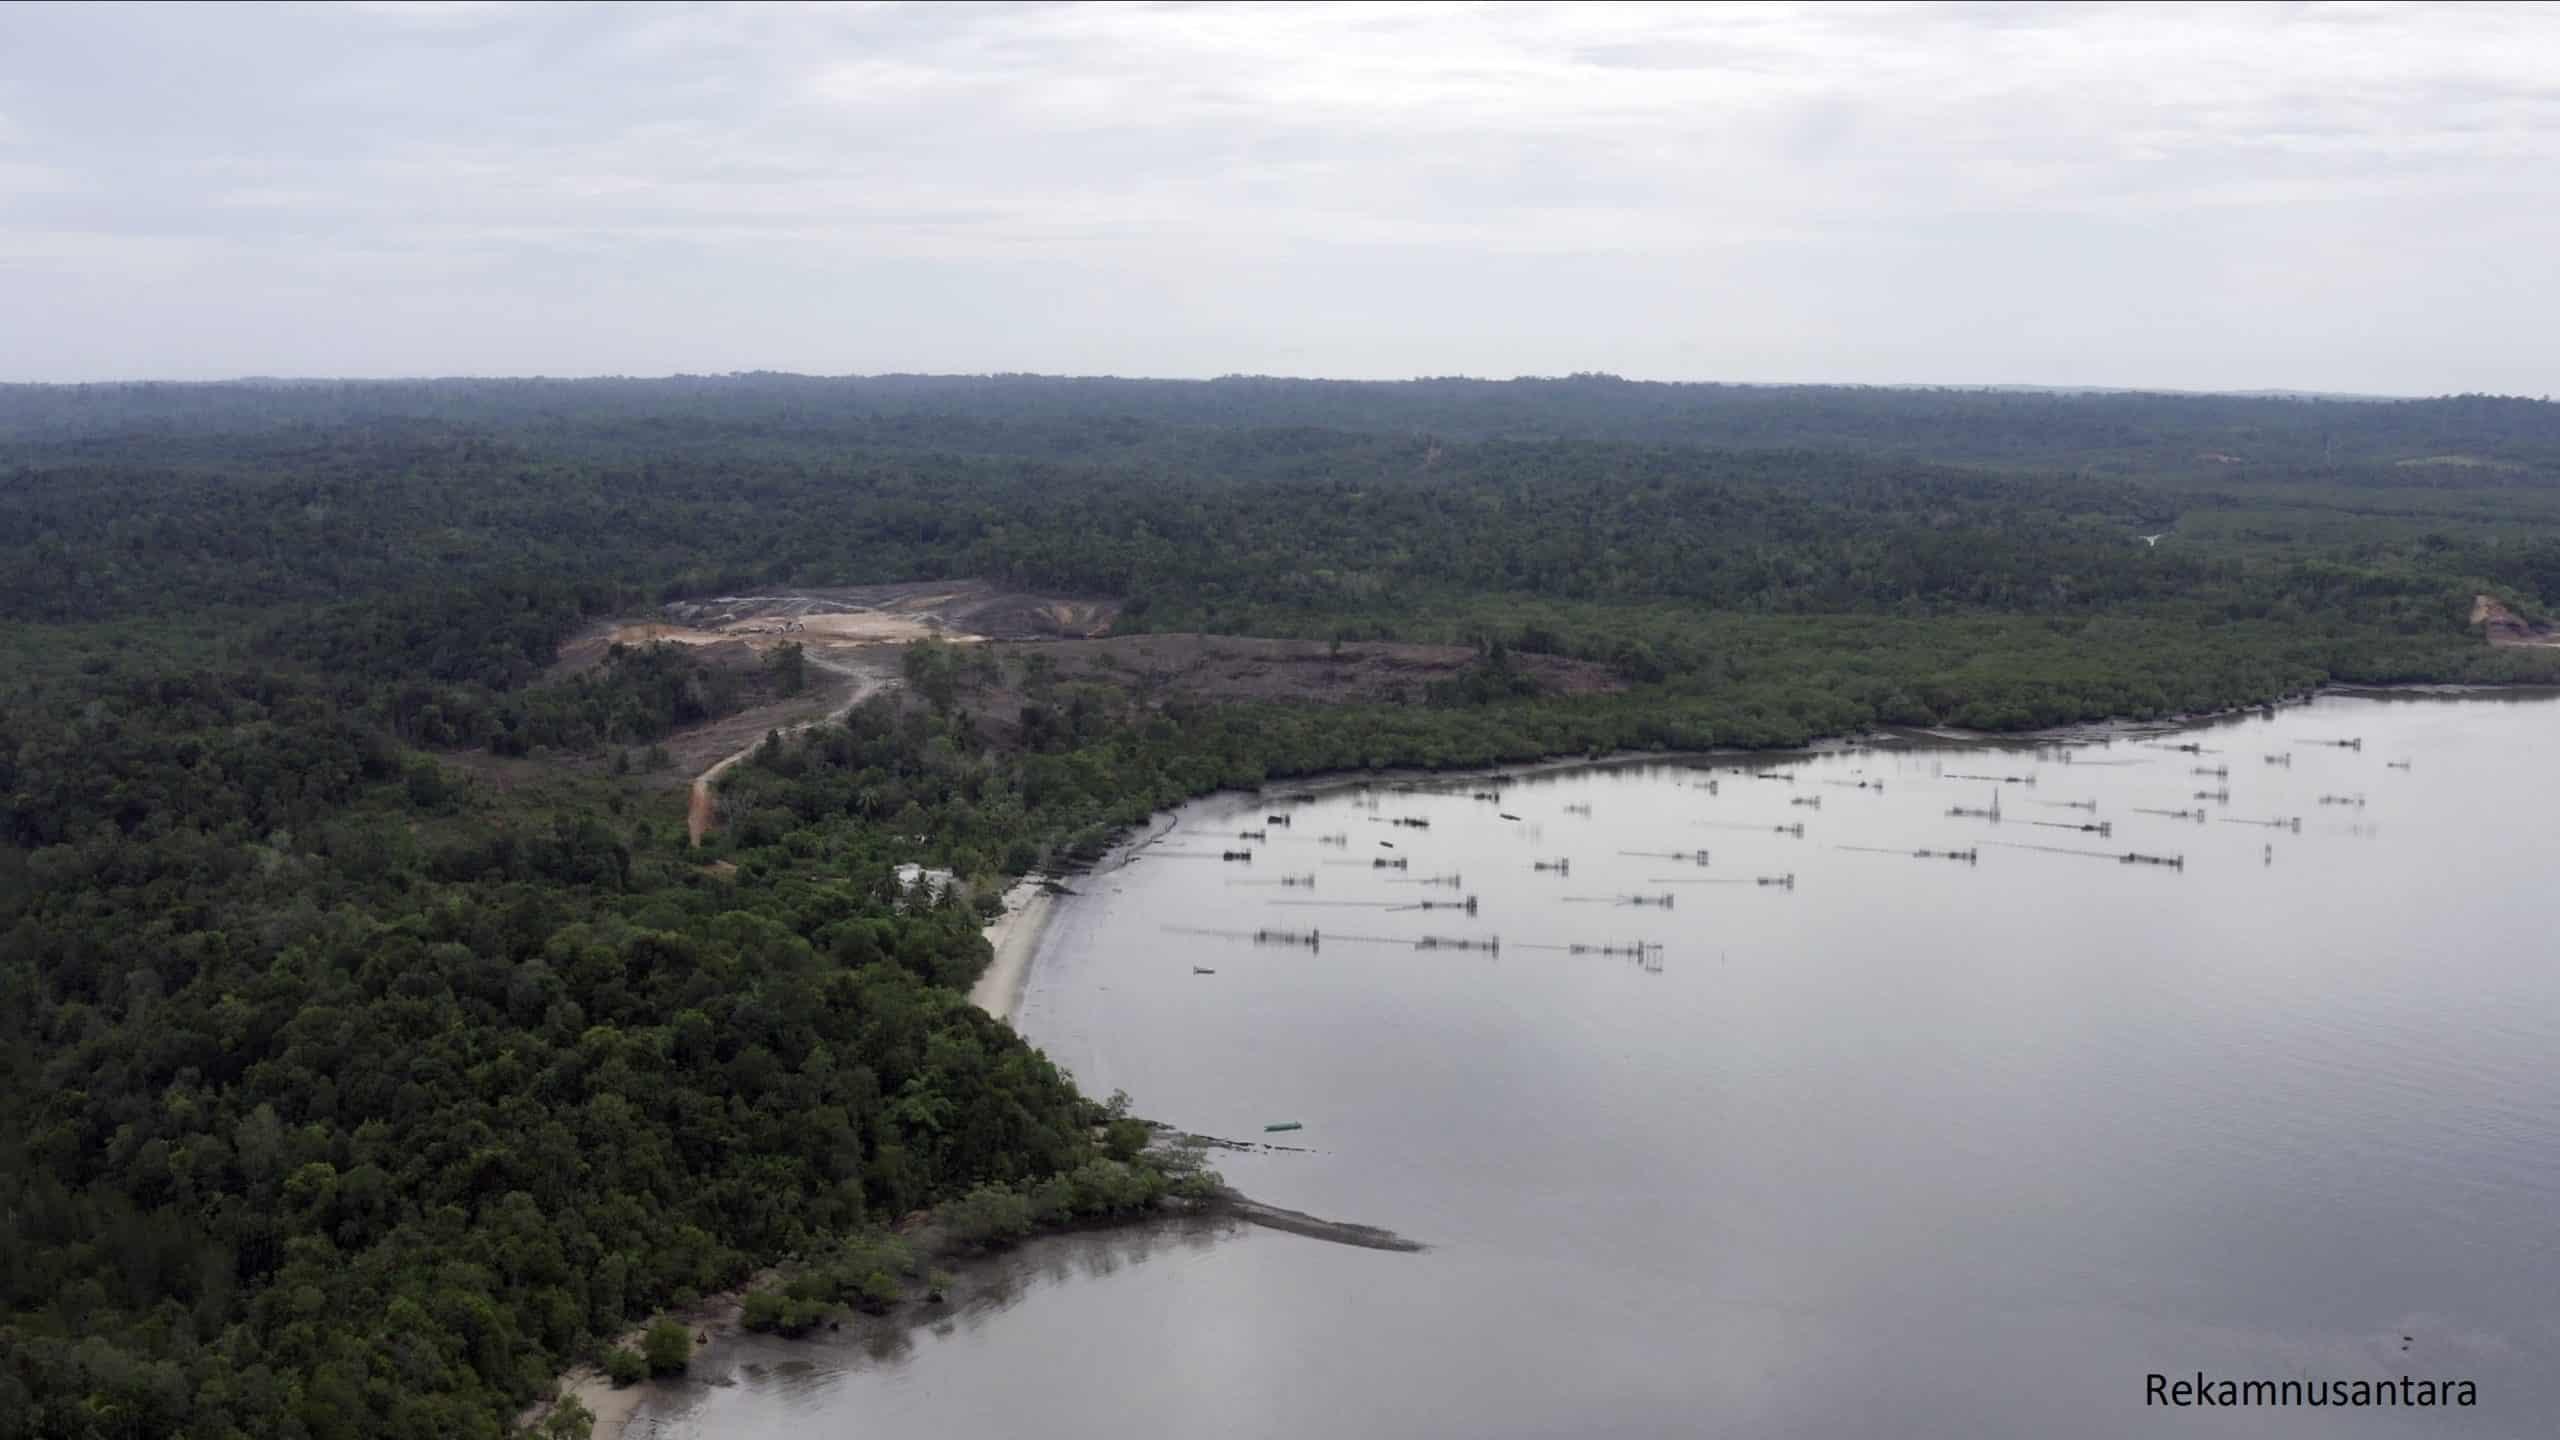 Selamatkan Teluk Balikpapan!